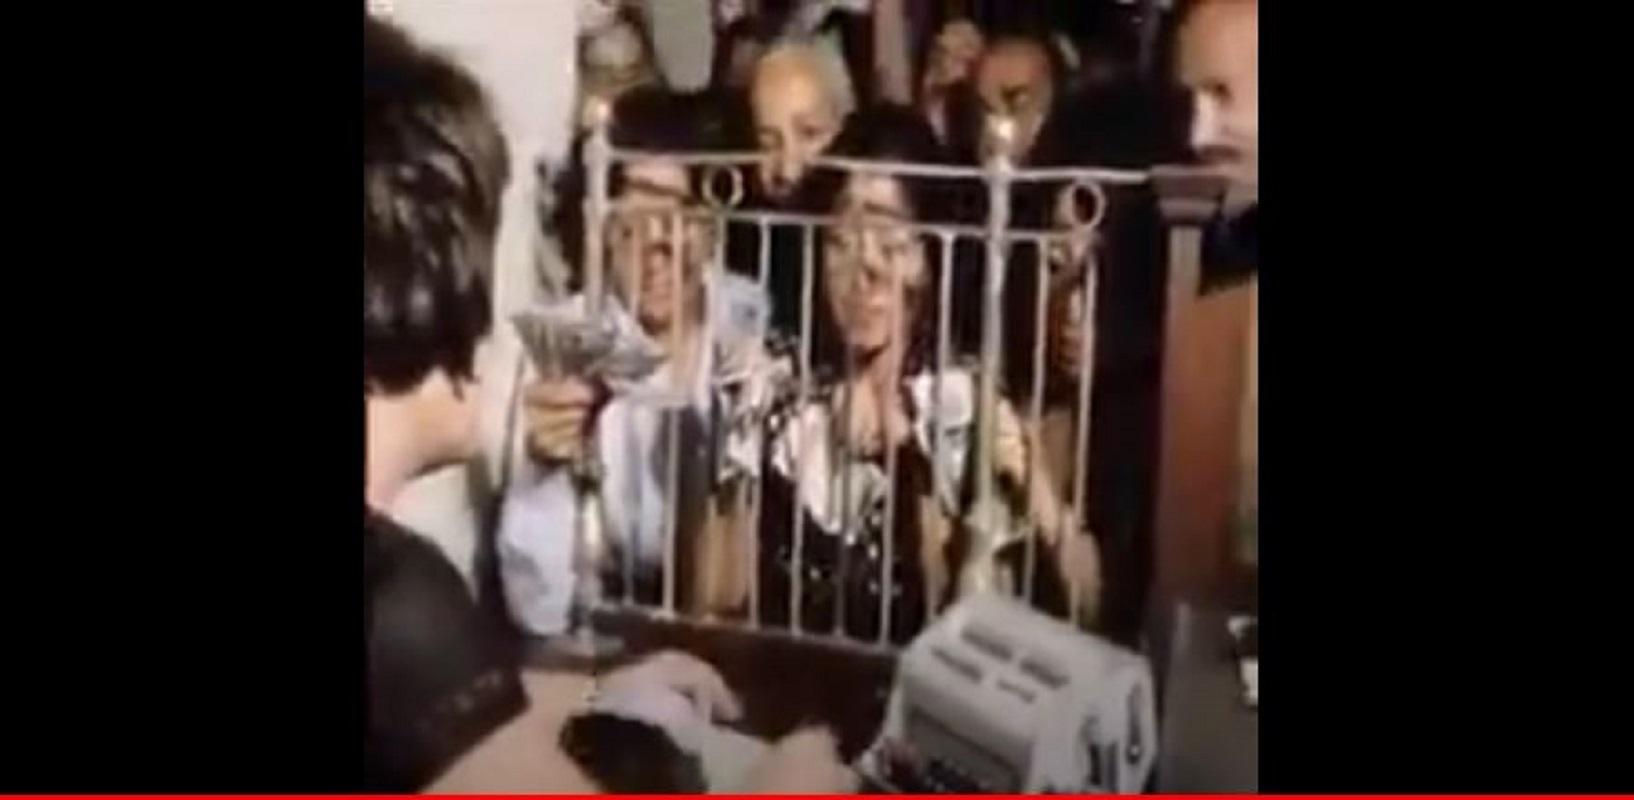 مواطنون مصريون يتبرعون لدعم الدولة والجيش بعد يومين من بدء حرب أكتوبر عام 1973